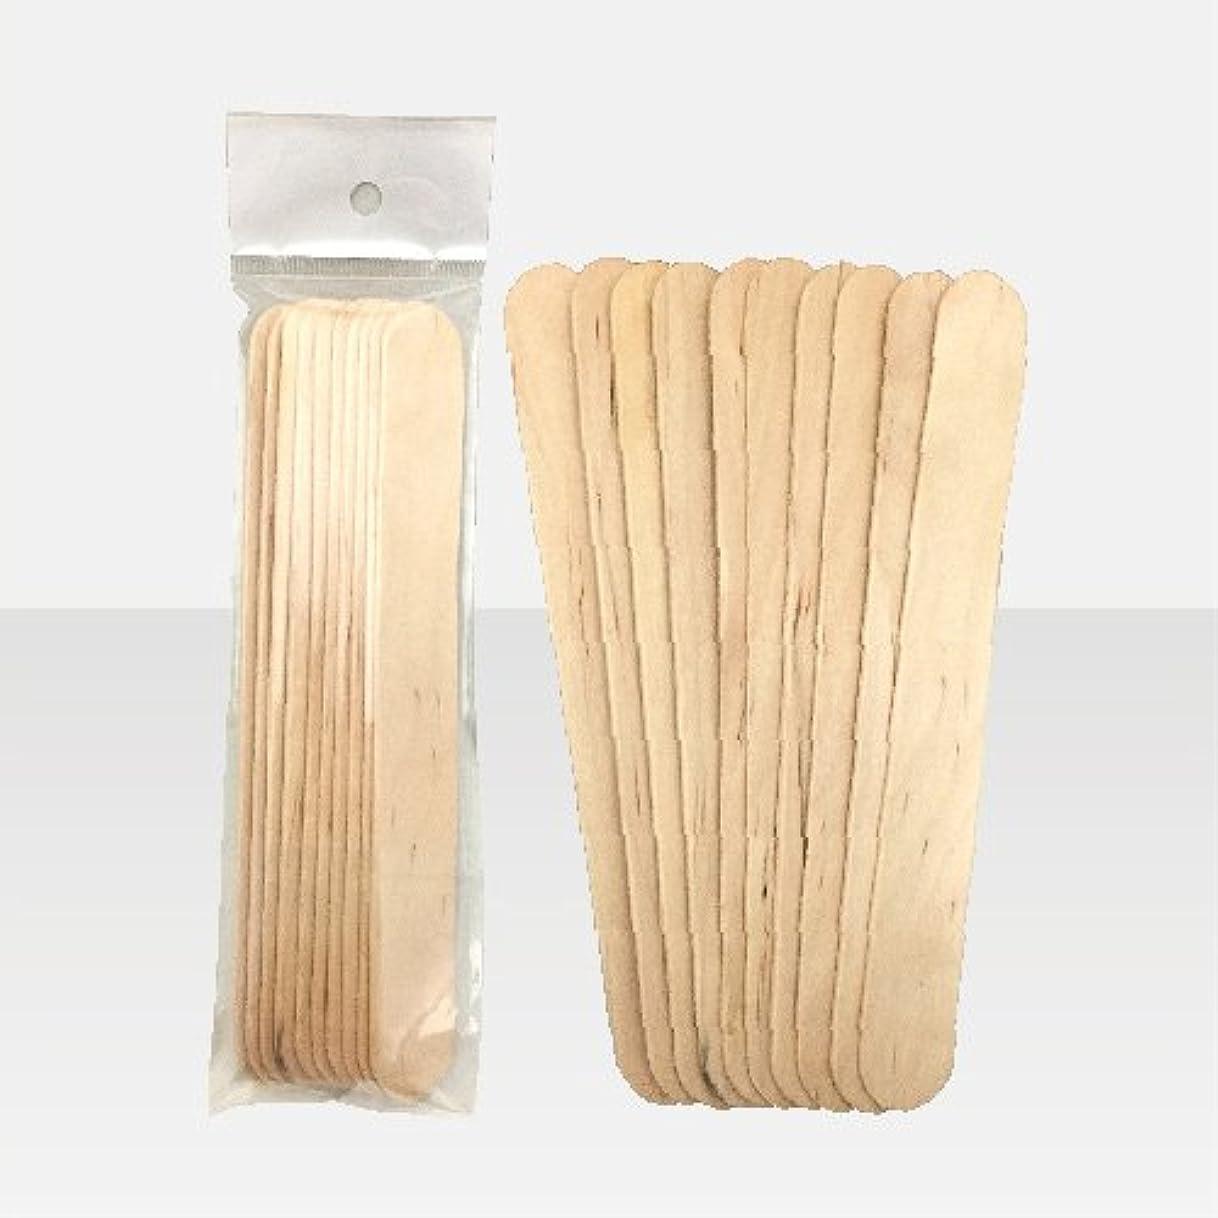 めまいが祭司苦情文句ブラジリアンワックス 脱毛ワックス用  ワックススパチュラ 木ベラ /10本セット Mサイズ